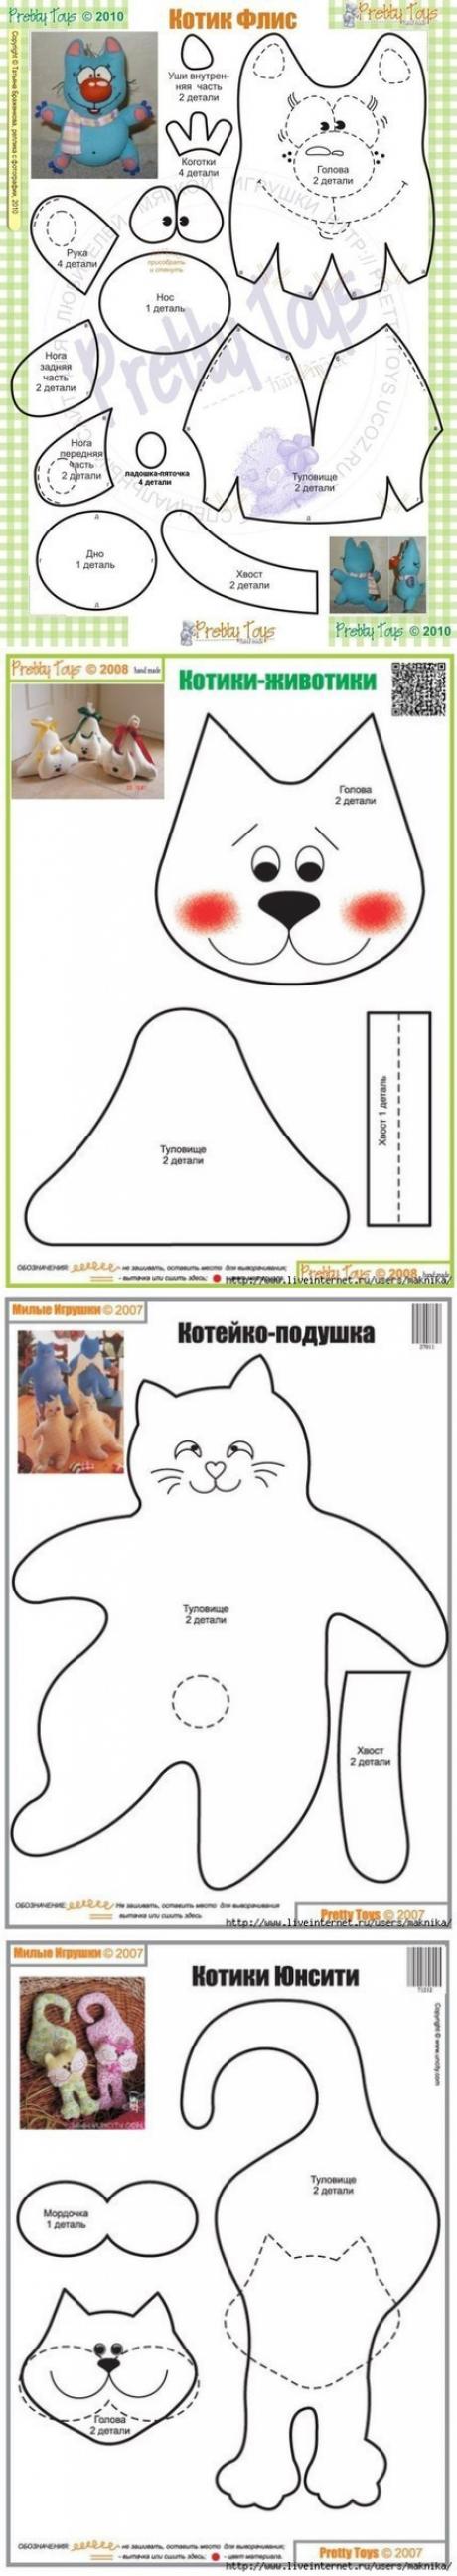 Los juguetes-almohadas los gatitos. Los patrones. \\/ la costura ...